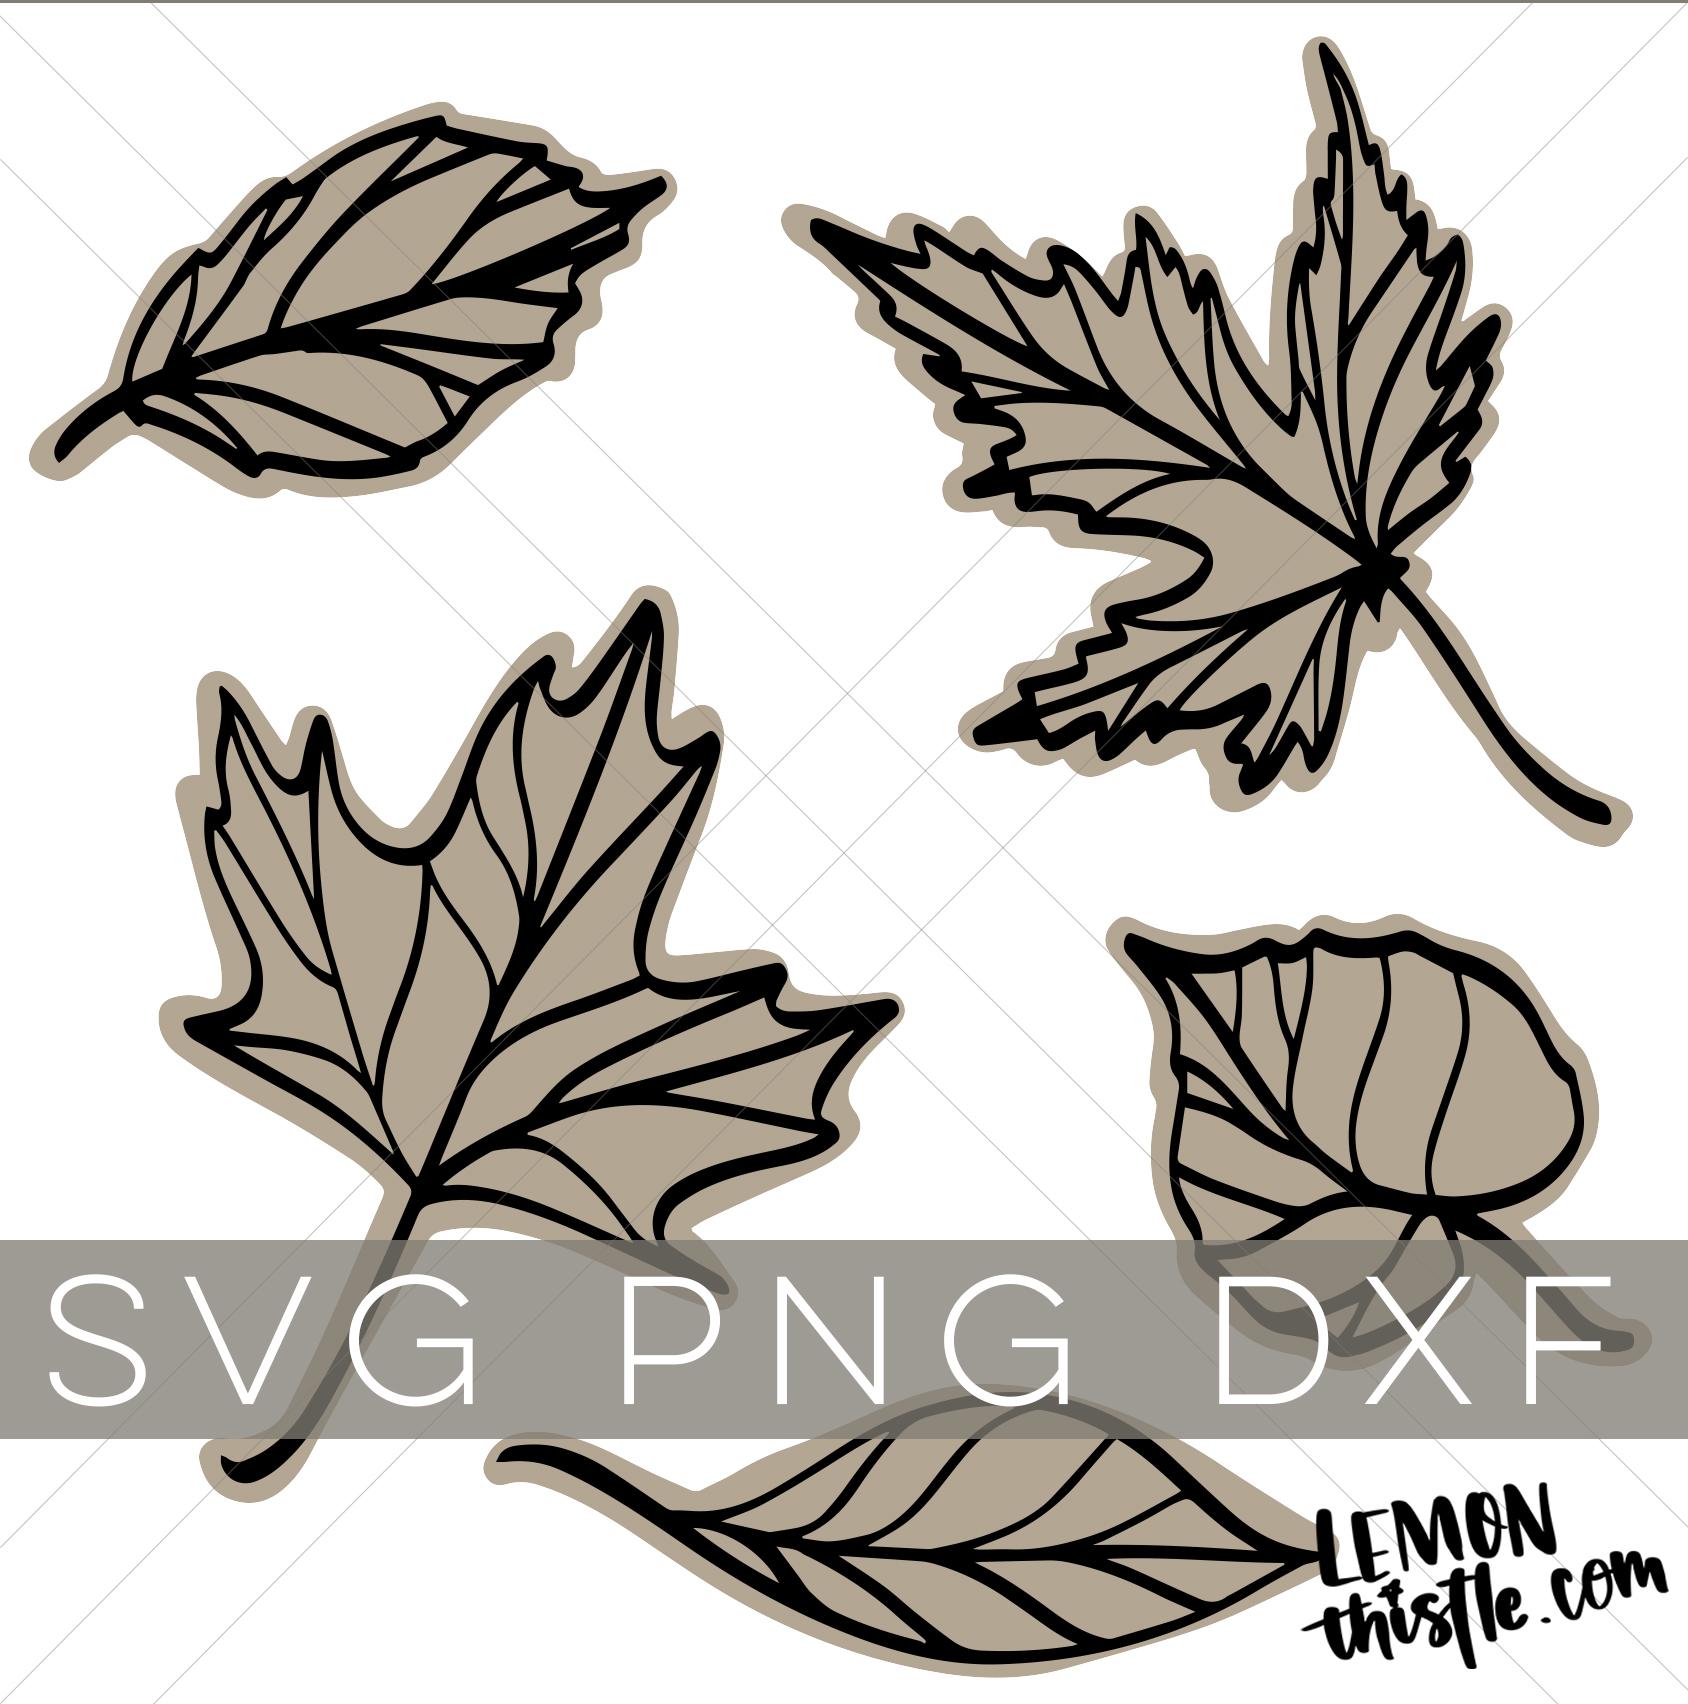 leaf svg free #419, Download drawings